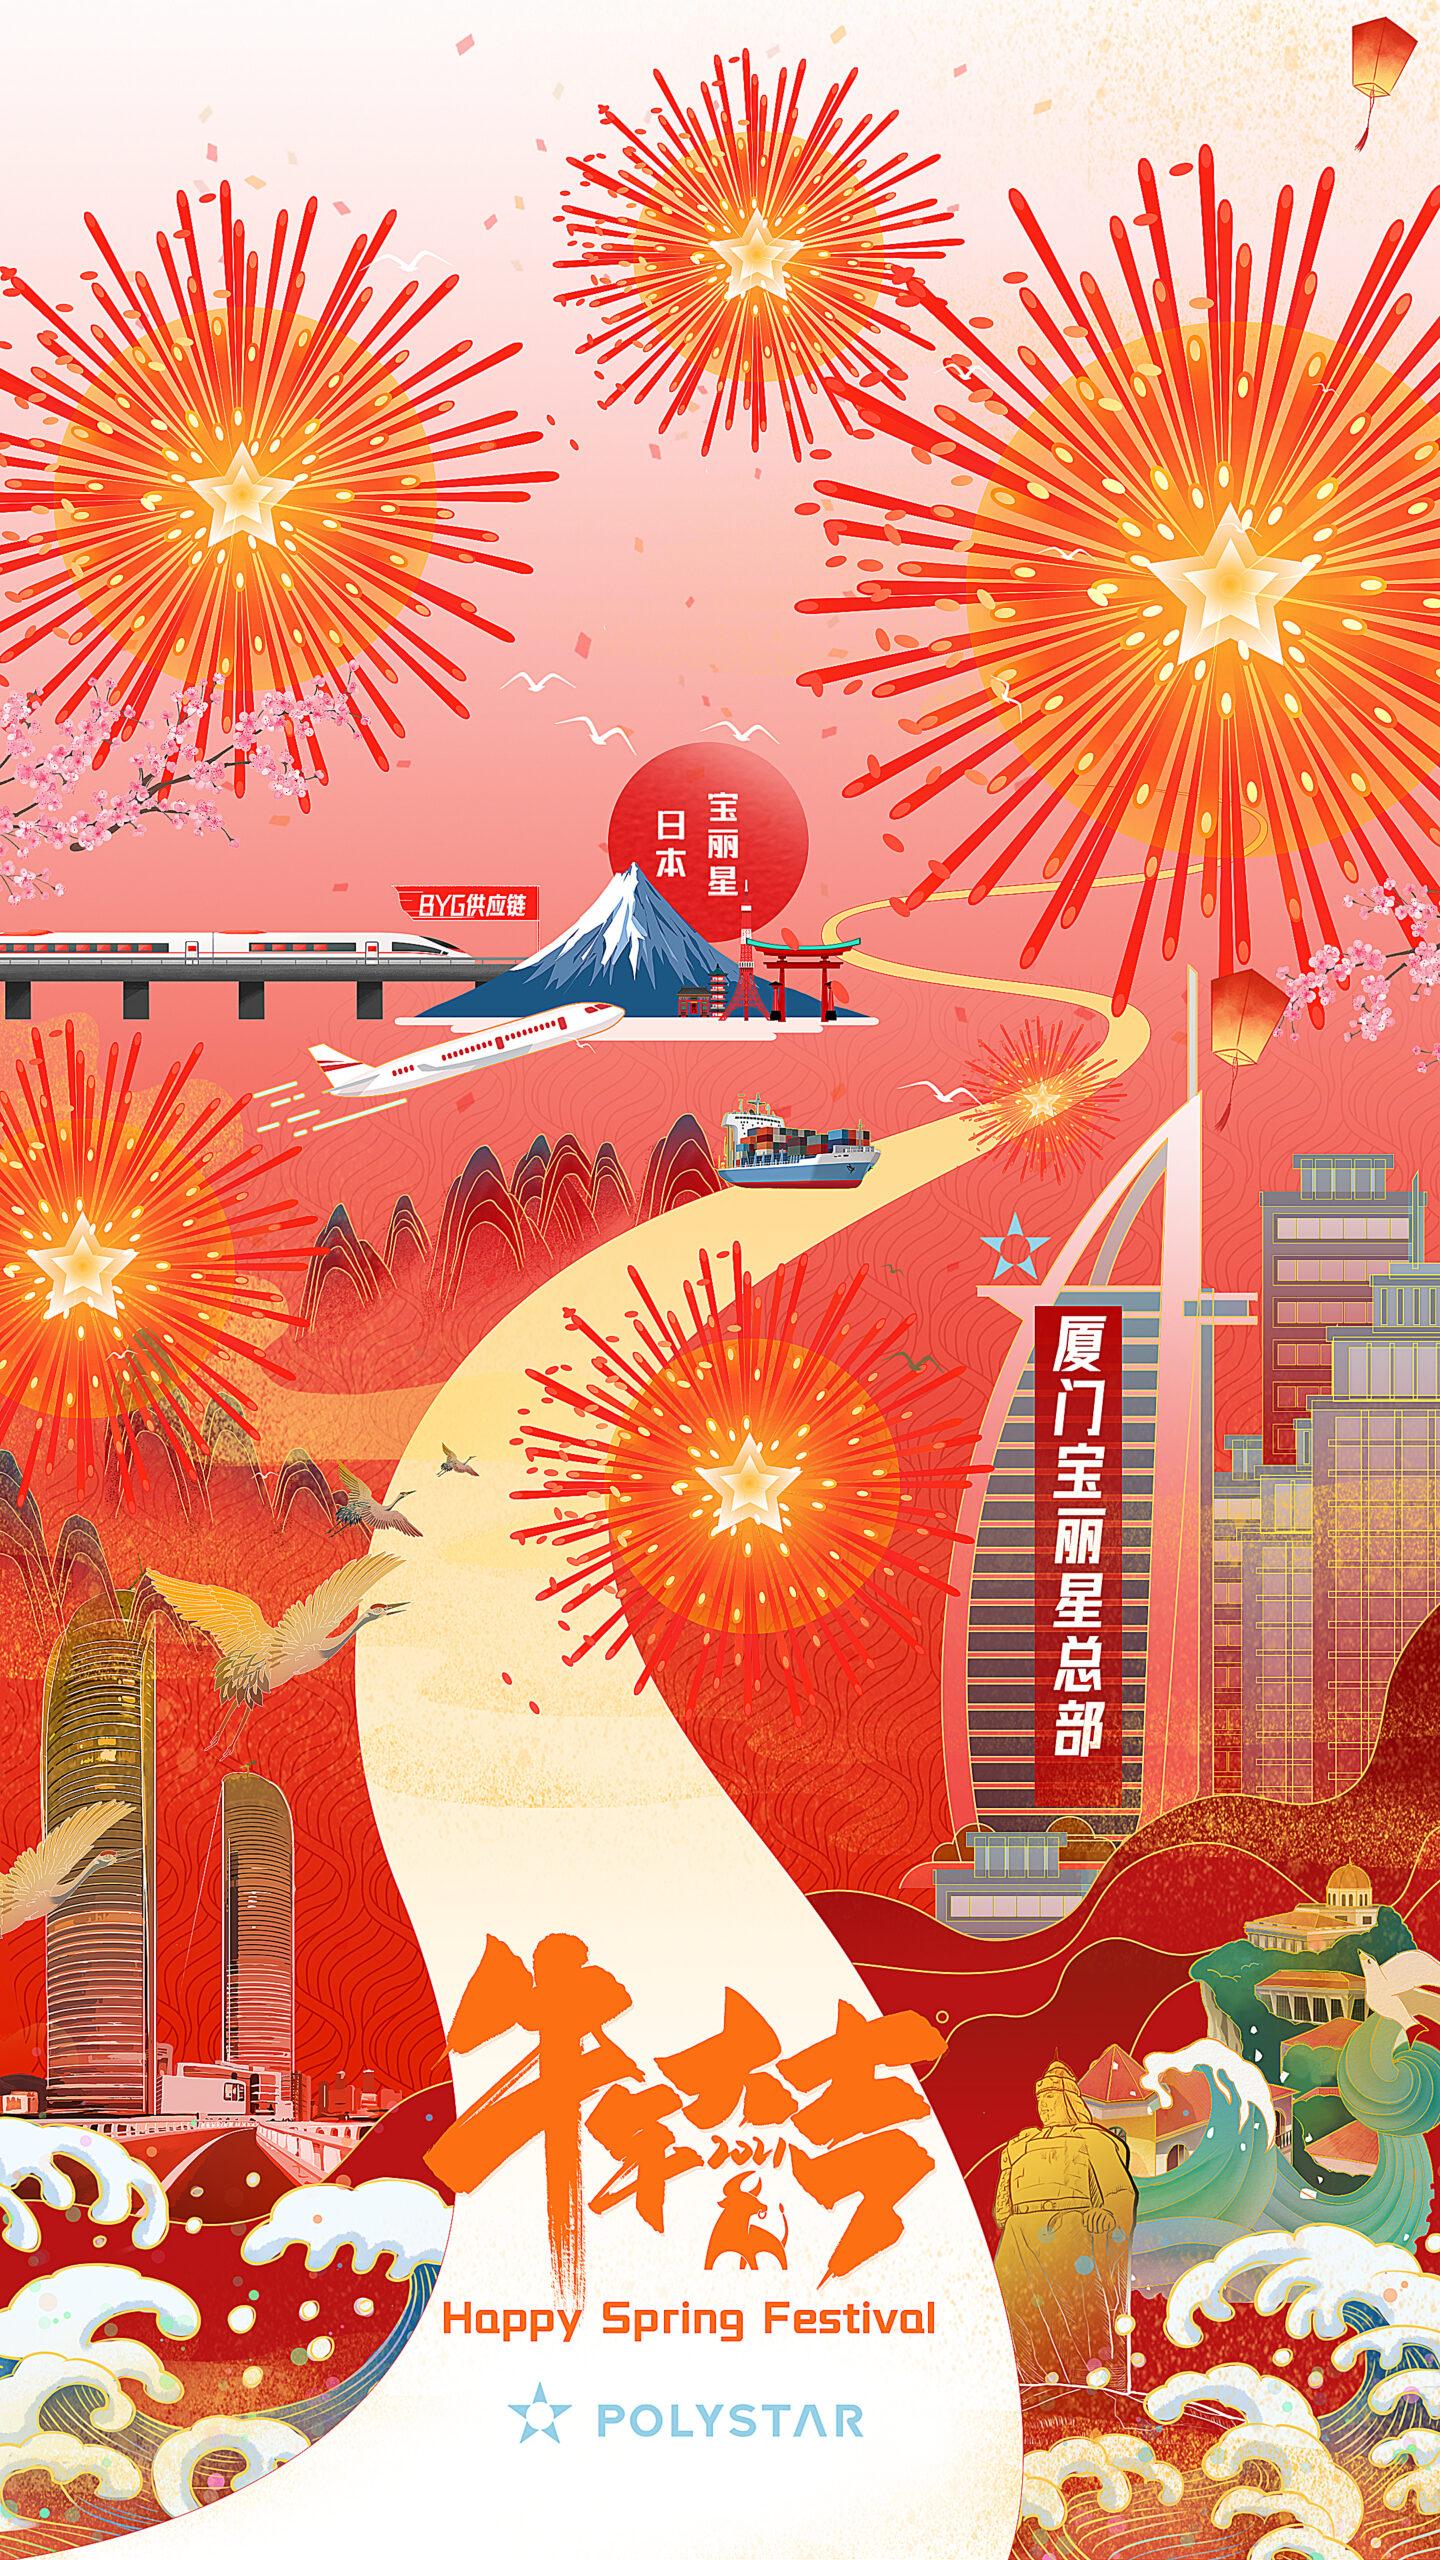 2021年中国春節に合わせて、日頃の御礼。